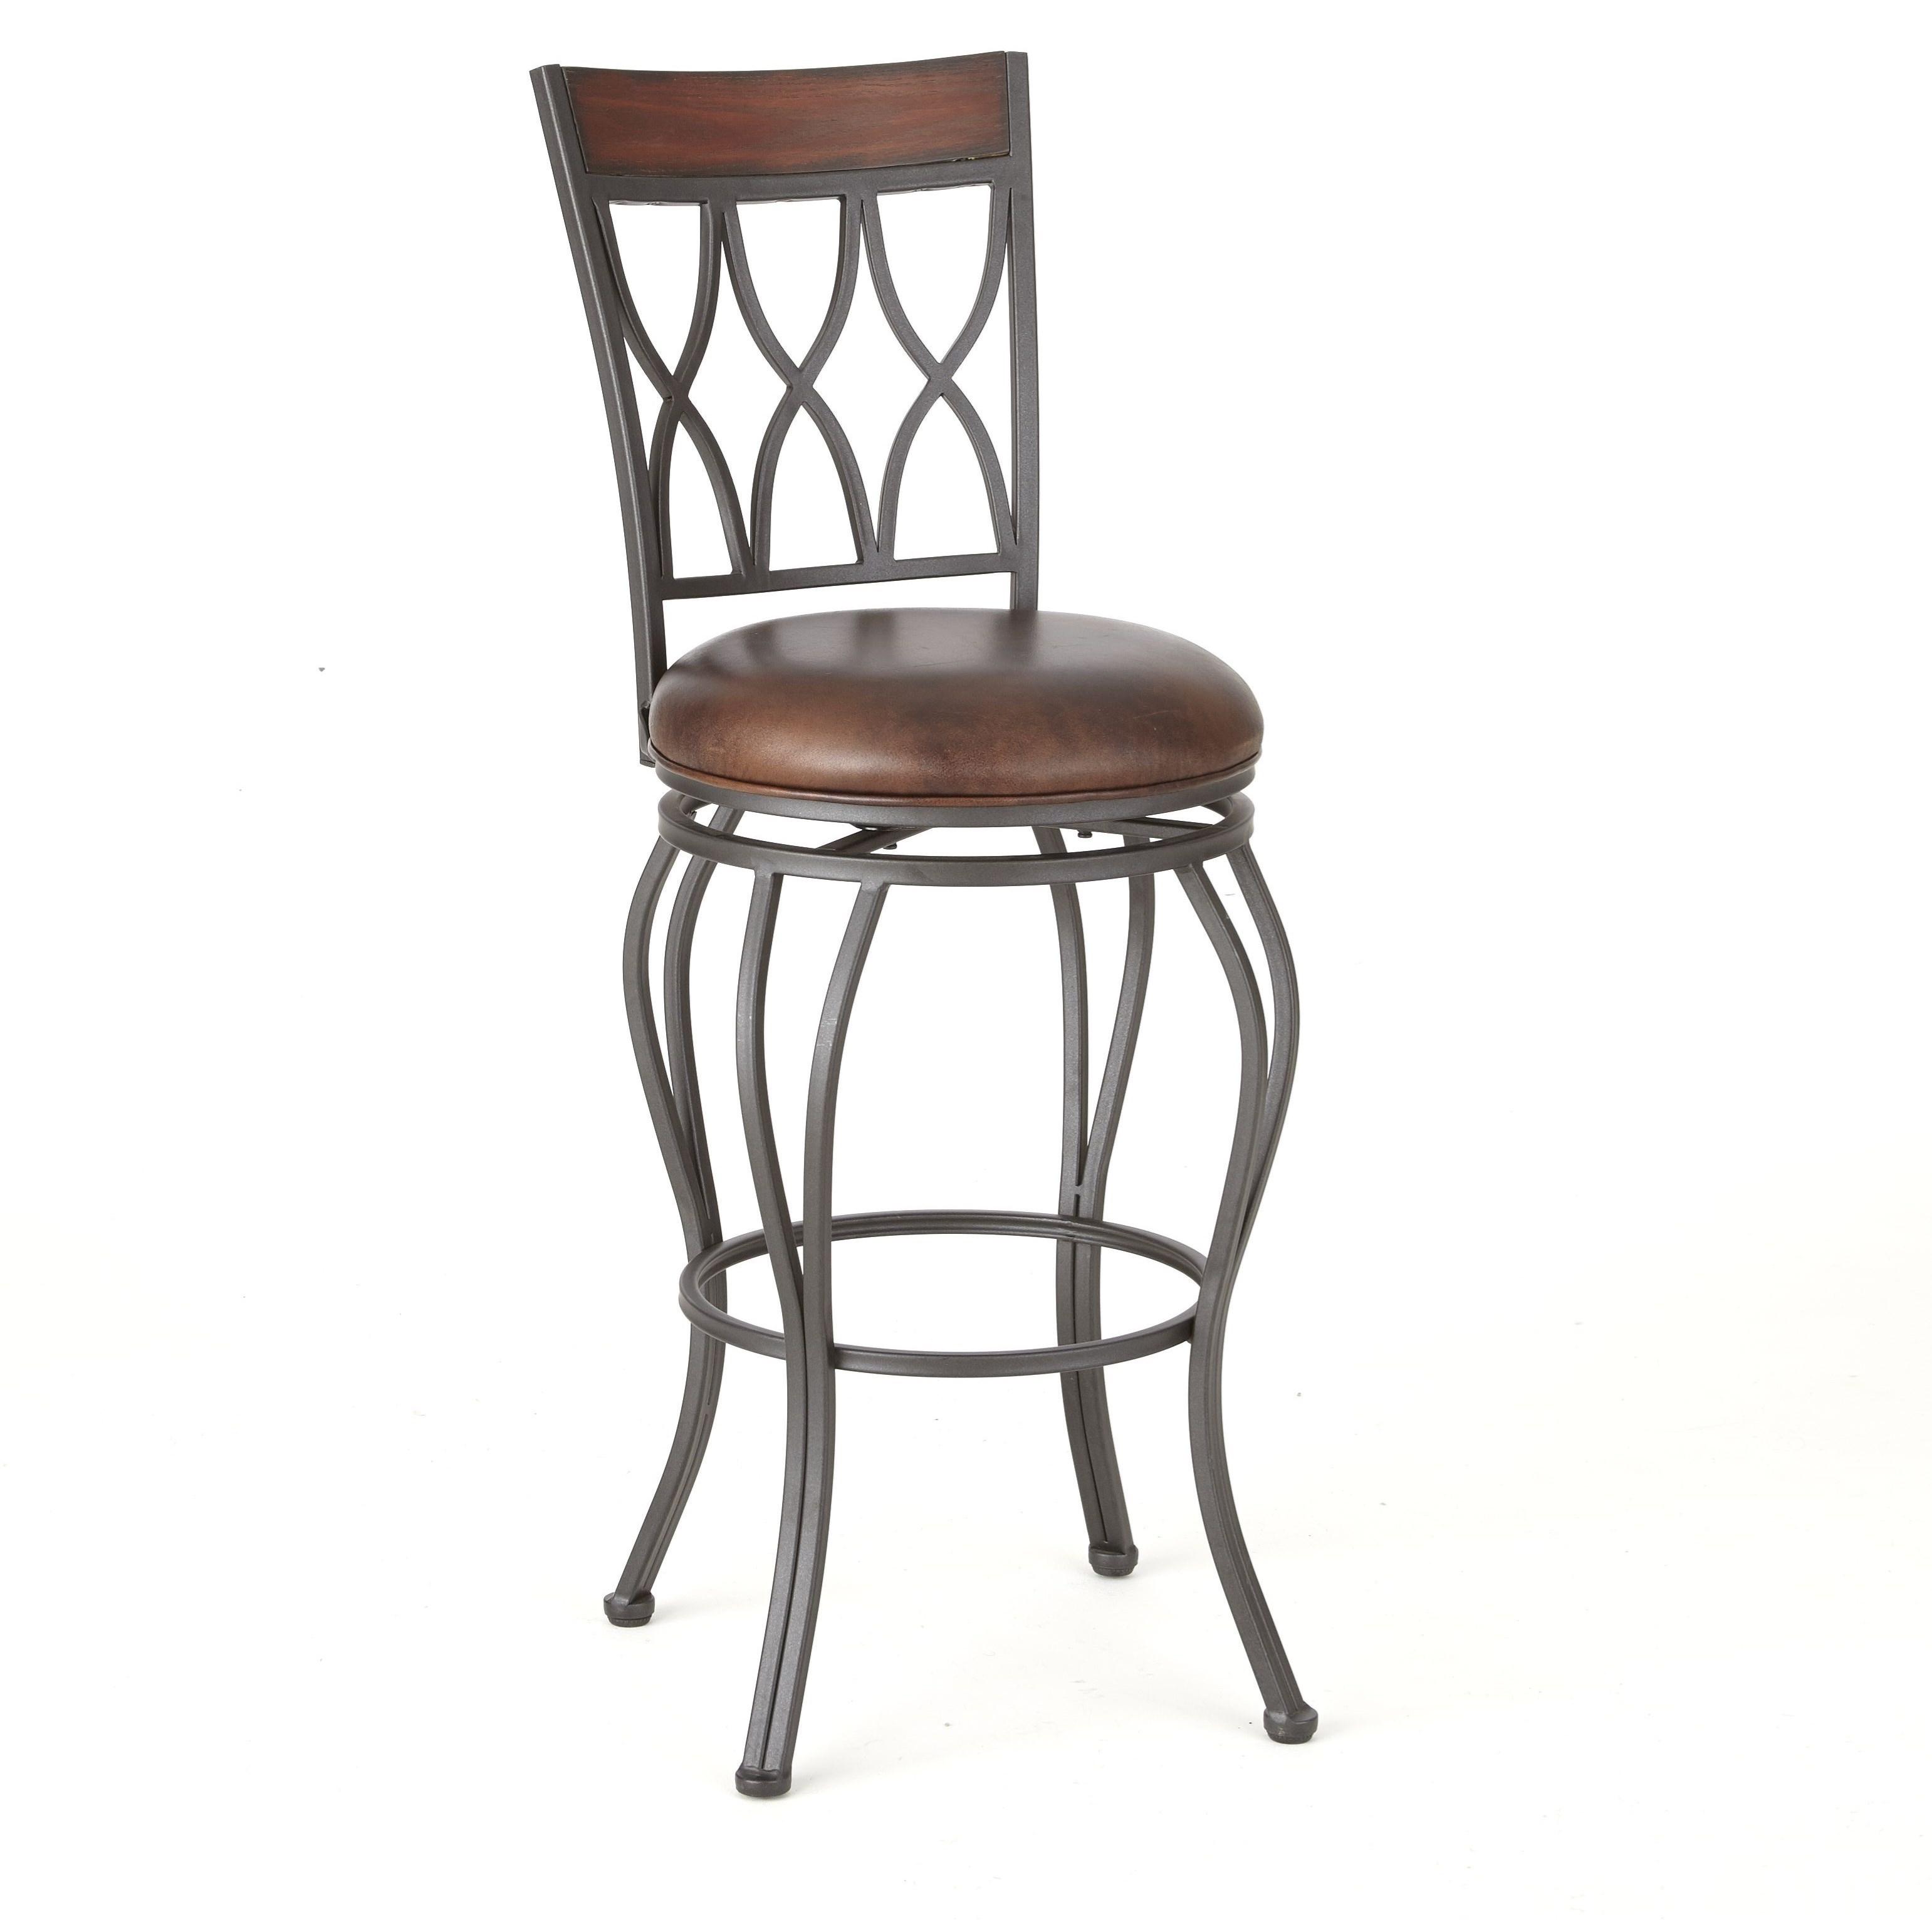 Wallen Swivel Barstool by Steve Silver at Walker's Furniture